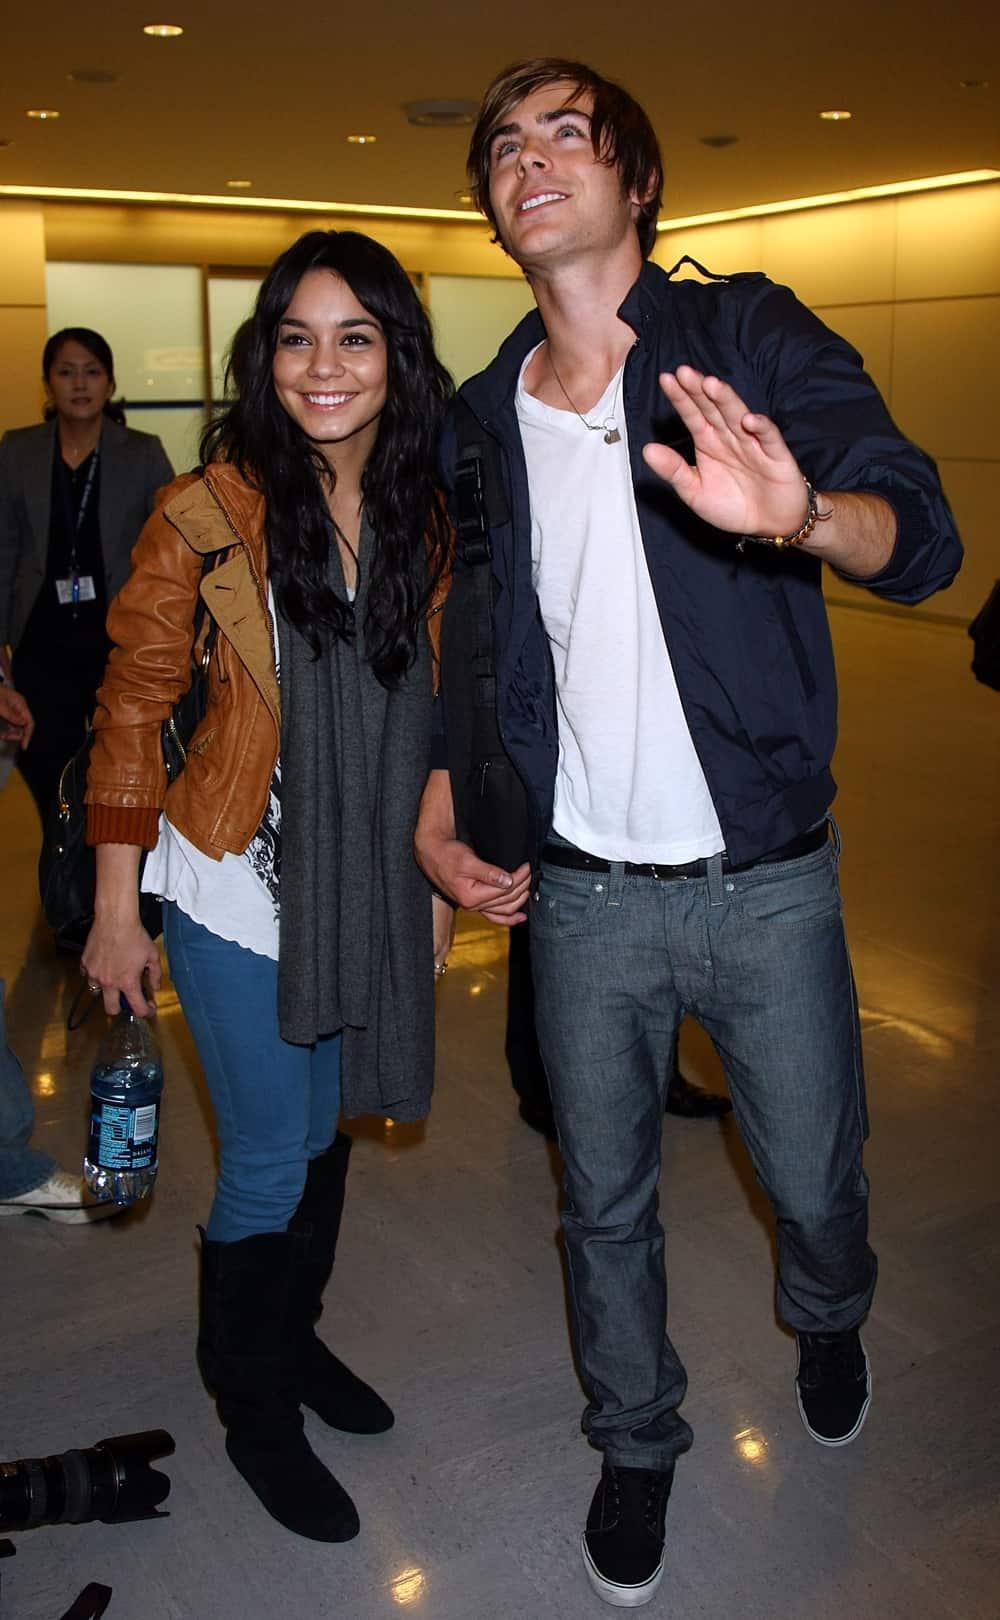 Zac Efron And Vanessa Hudgens Arrive In Japan